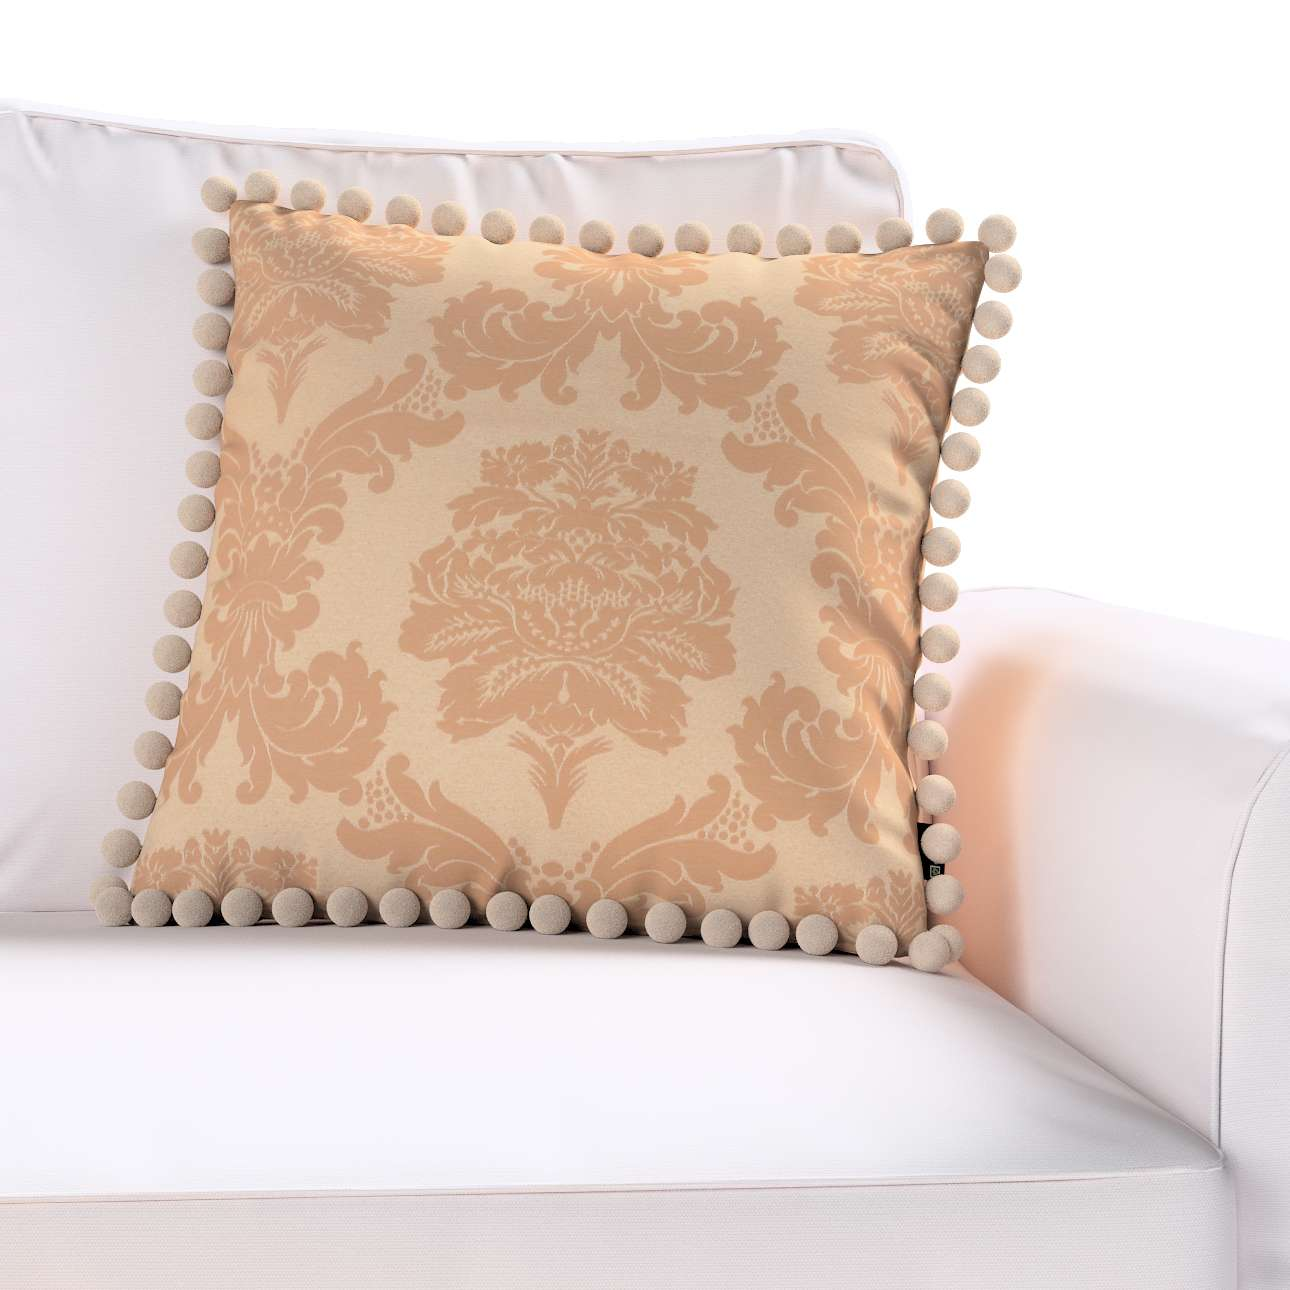 Poszewka Wera na poduszkę 45 x 45 cm w kolekcji Damasco, tkanina: 613-04